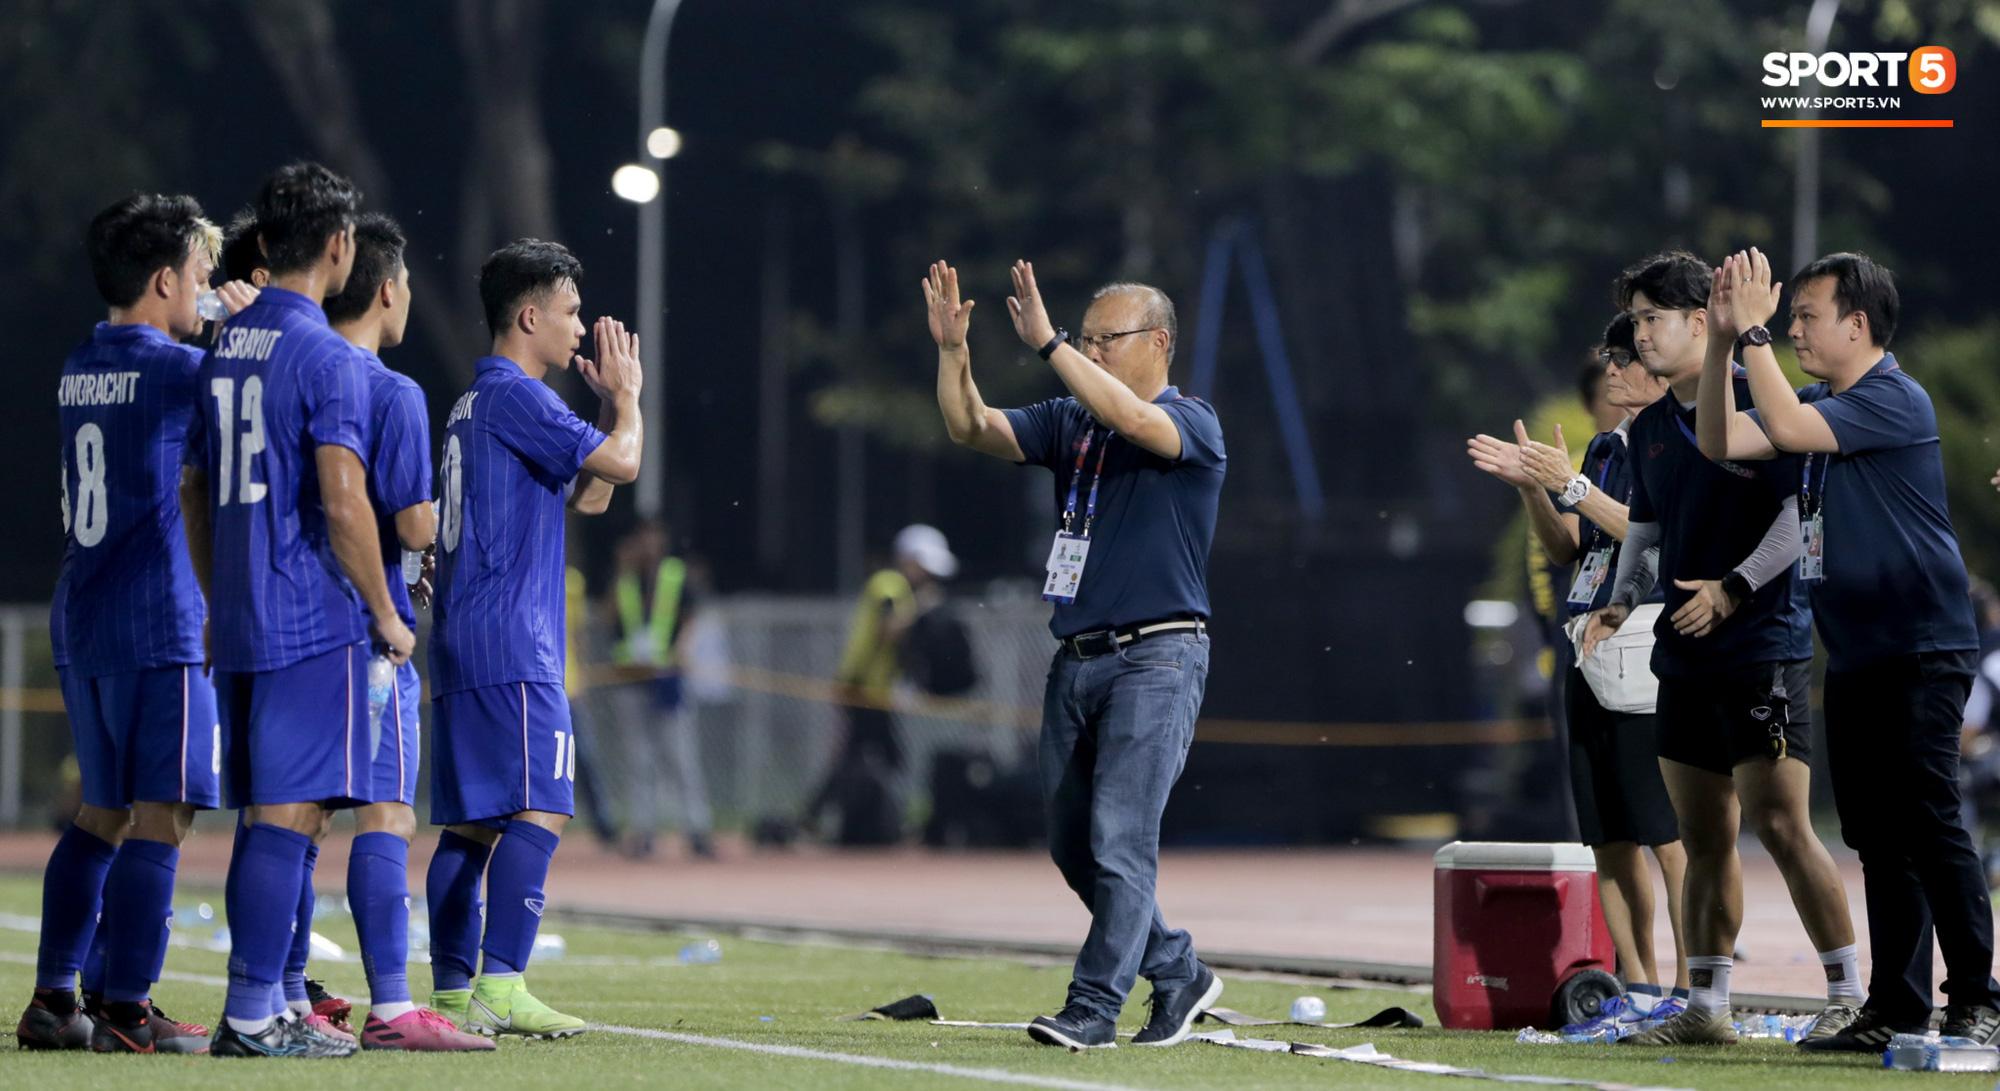 HLV U22 Thái Lan chủ động sang bắt tay thầy Park, hẹn phân thắng bại ở trận tiếp theo sau 3 lần toàn hoà - Ảnh 9.